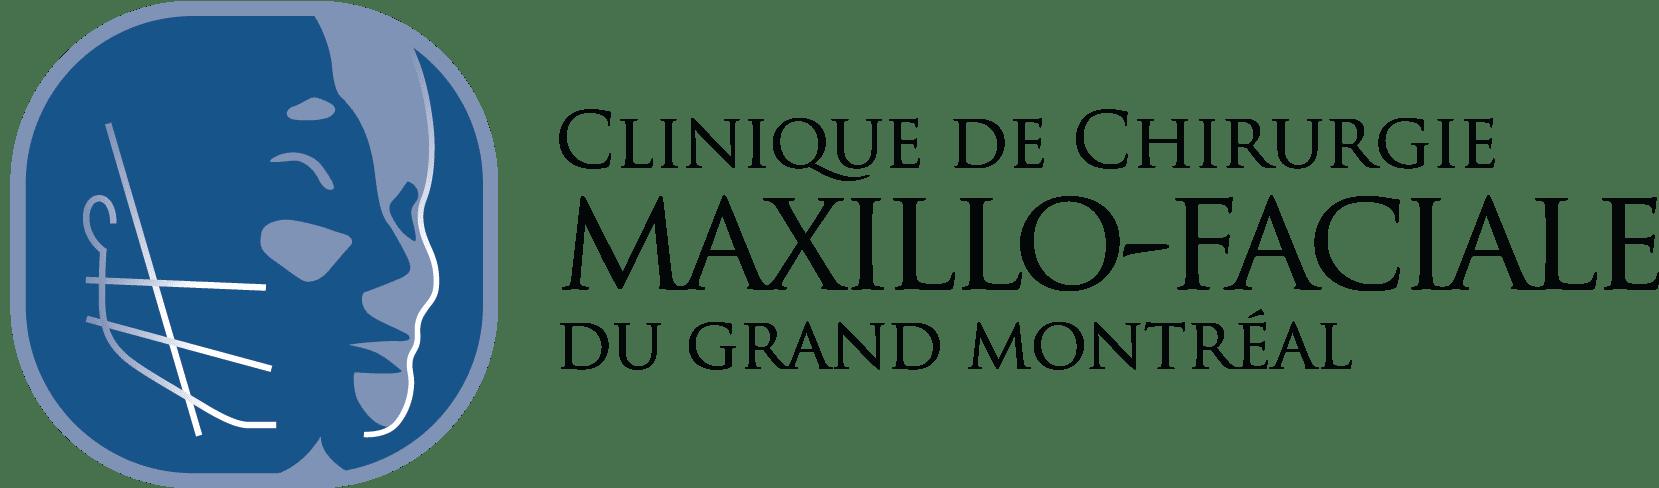 Clinique de Chirurgie Maxillo-Faciale du Grand Montréal